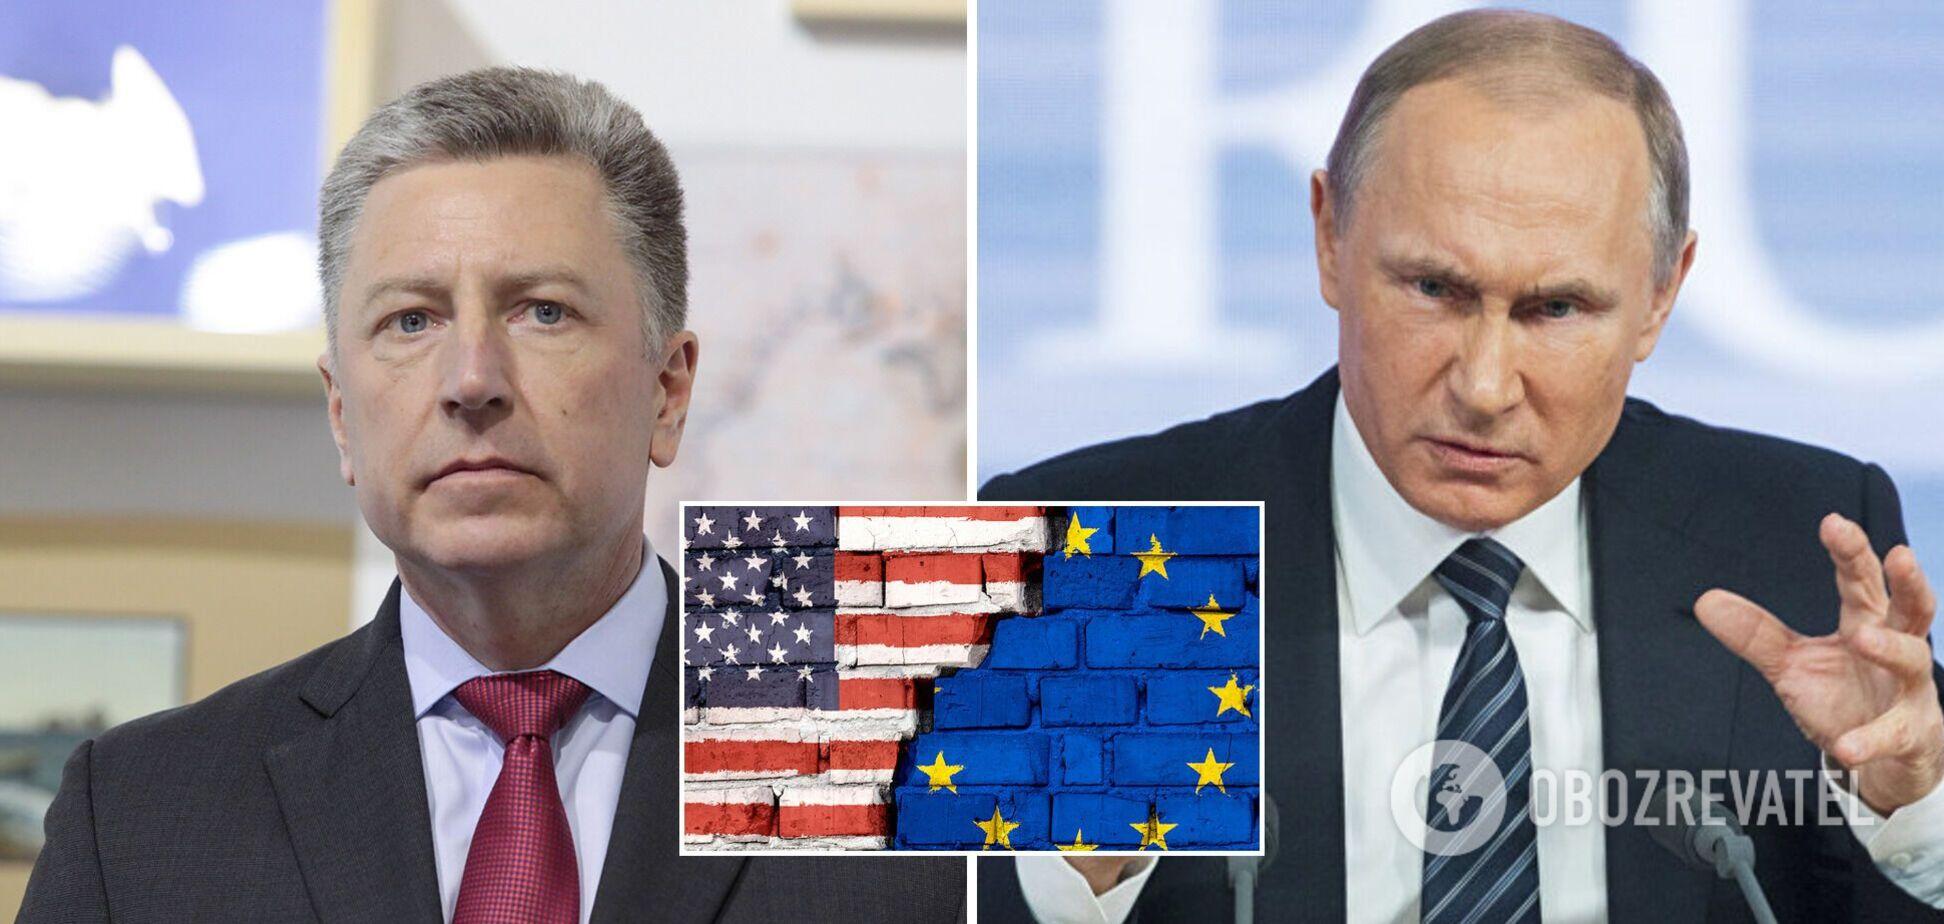 Три большие ошибки. Бывший спецпред Госдепа Волкер рассказал, почему Путин постоянно переигрывает Запад